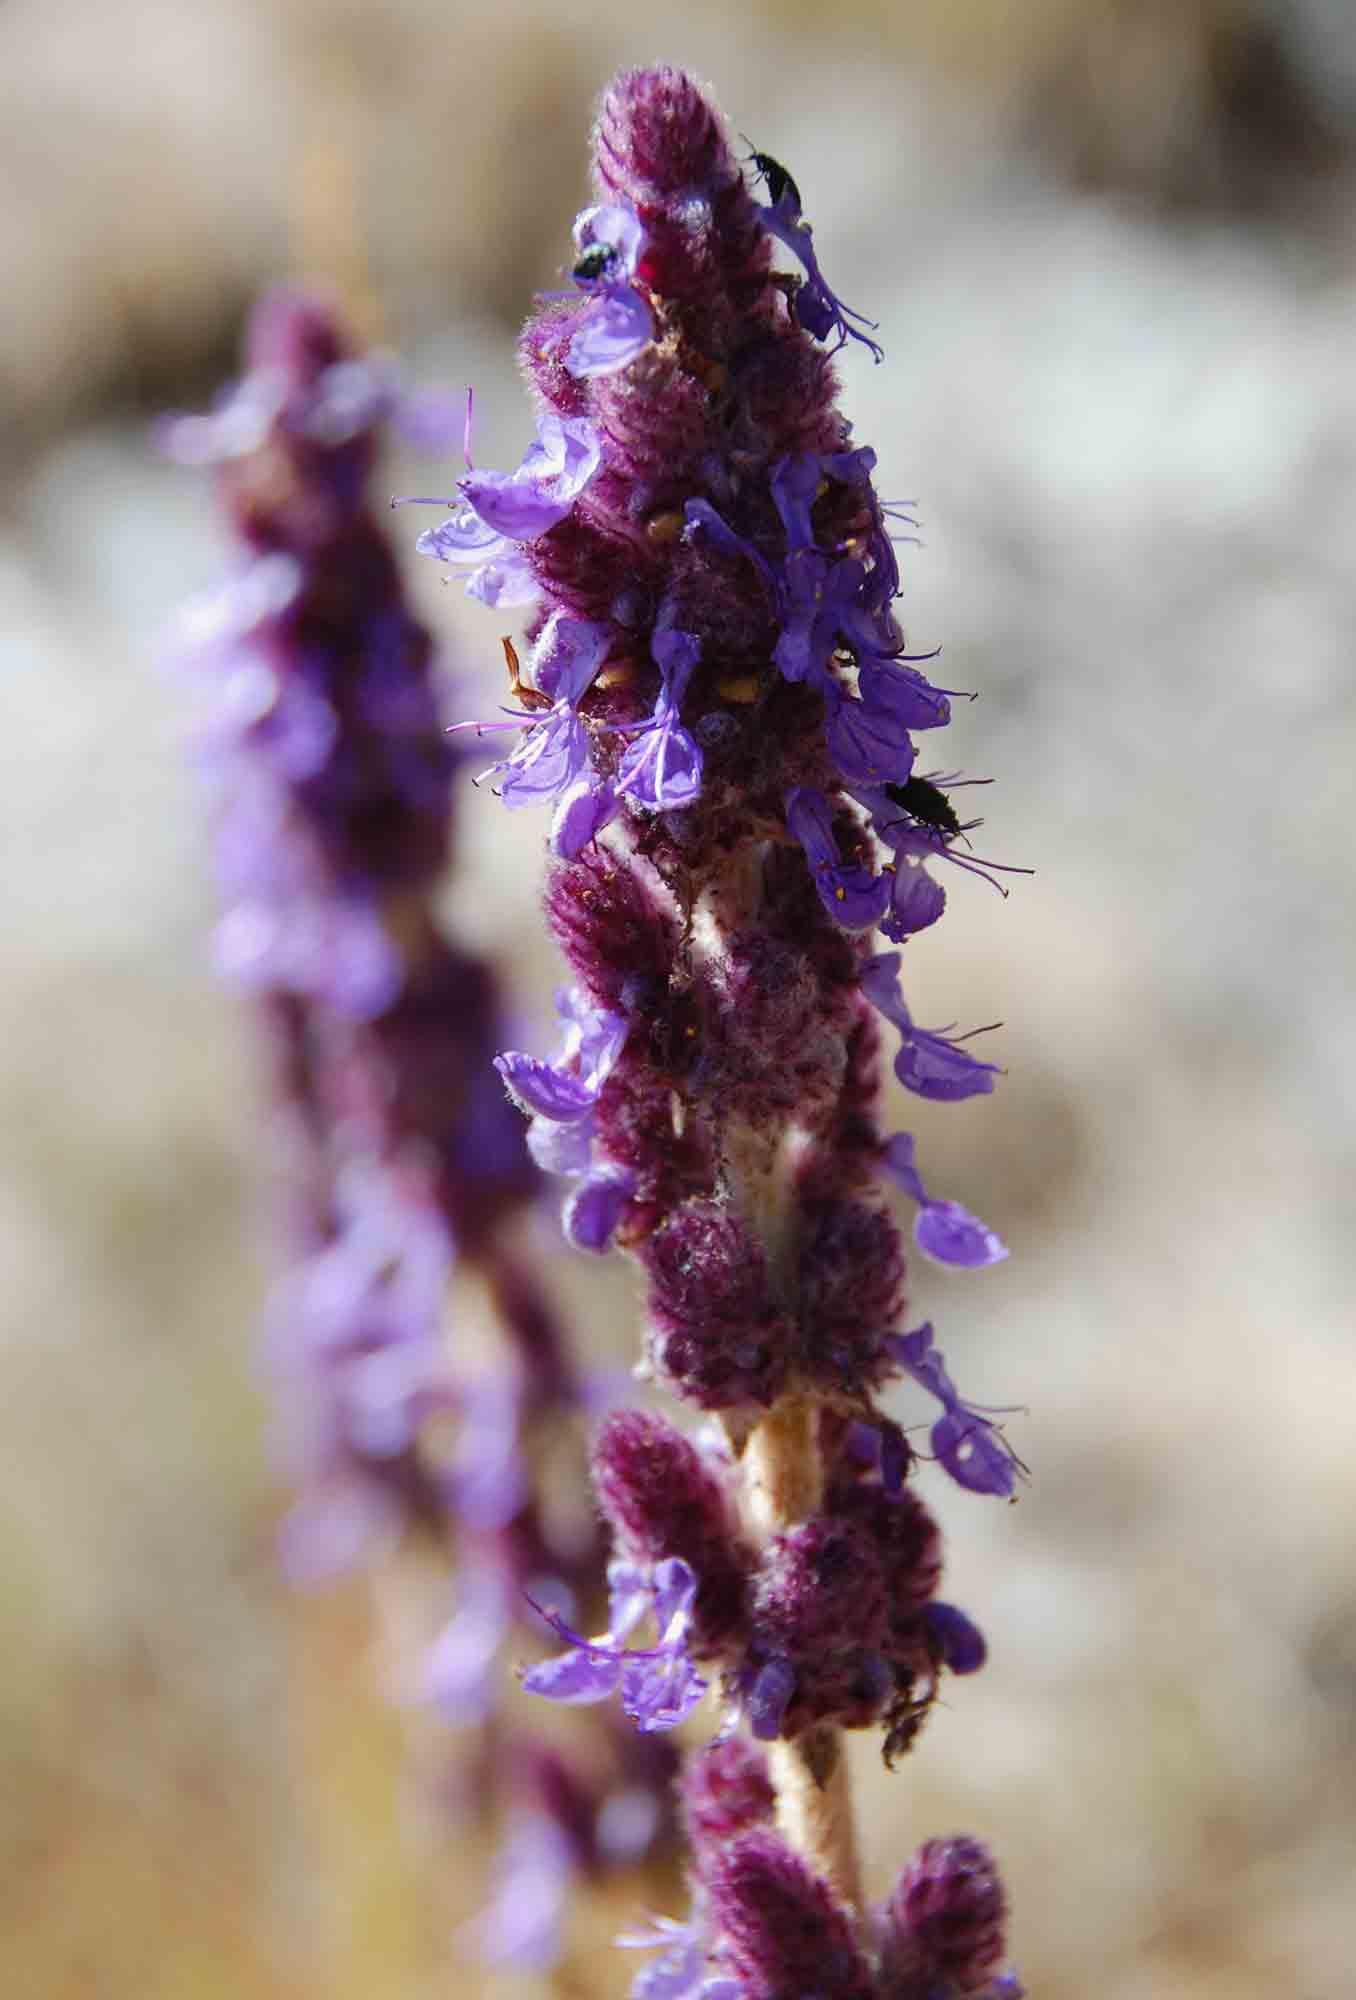 Plectranthus caudatus